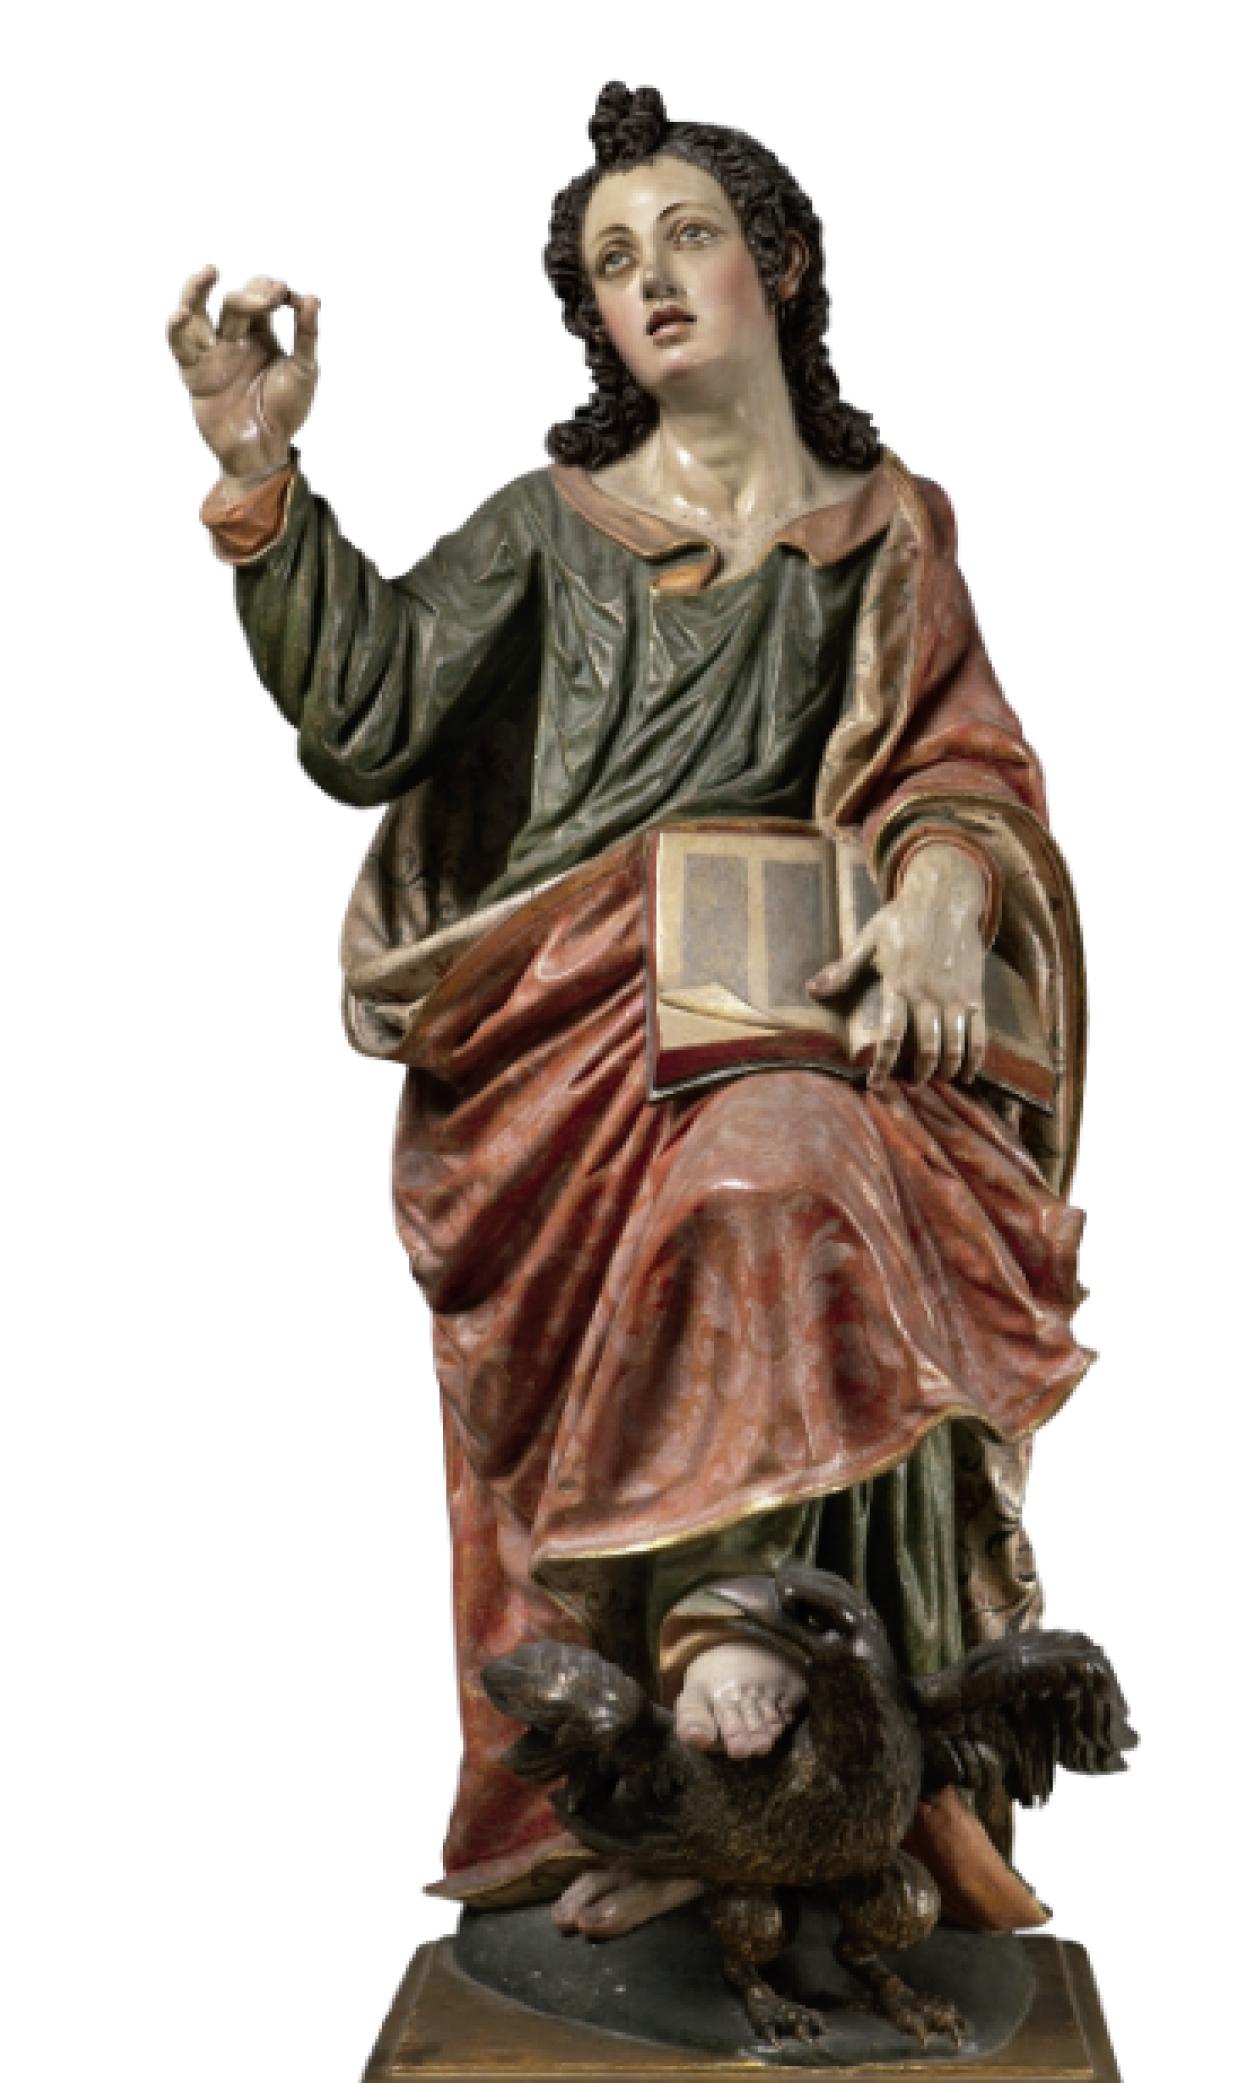 San Juan Evangelista (1649 - 1699)